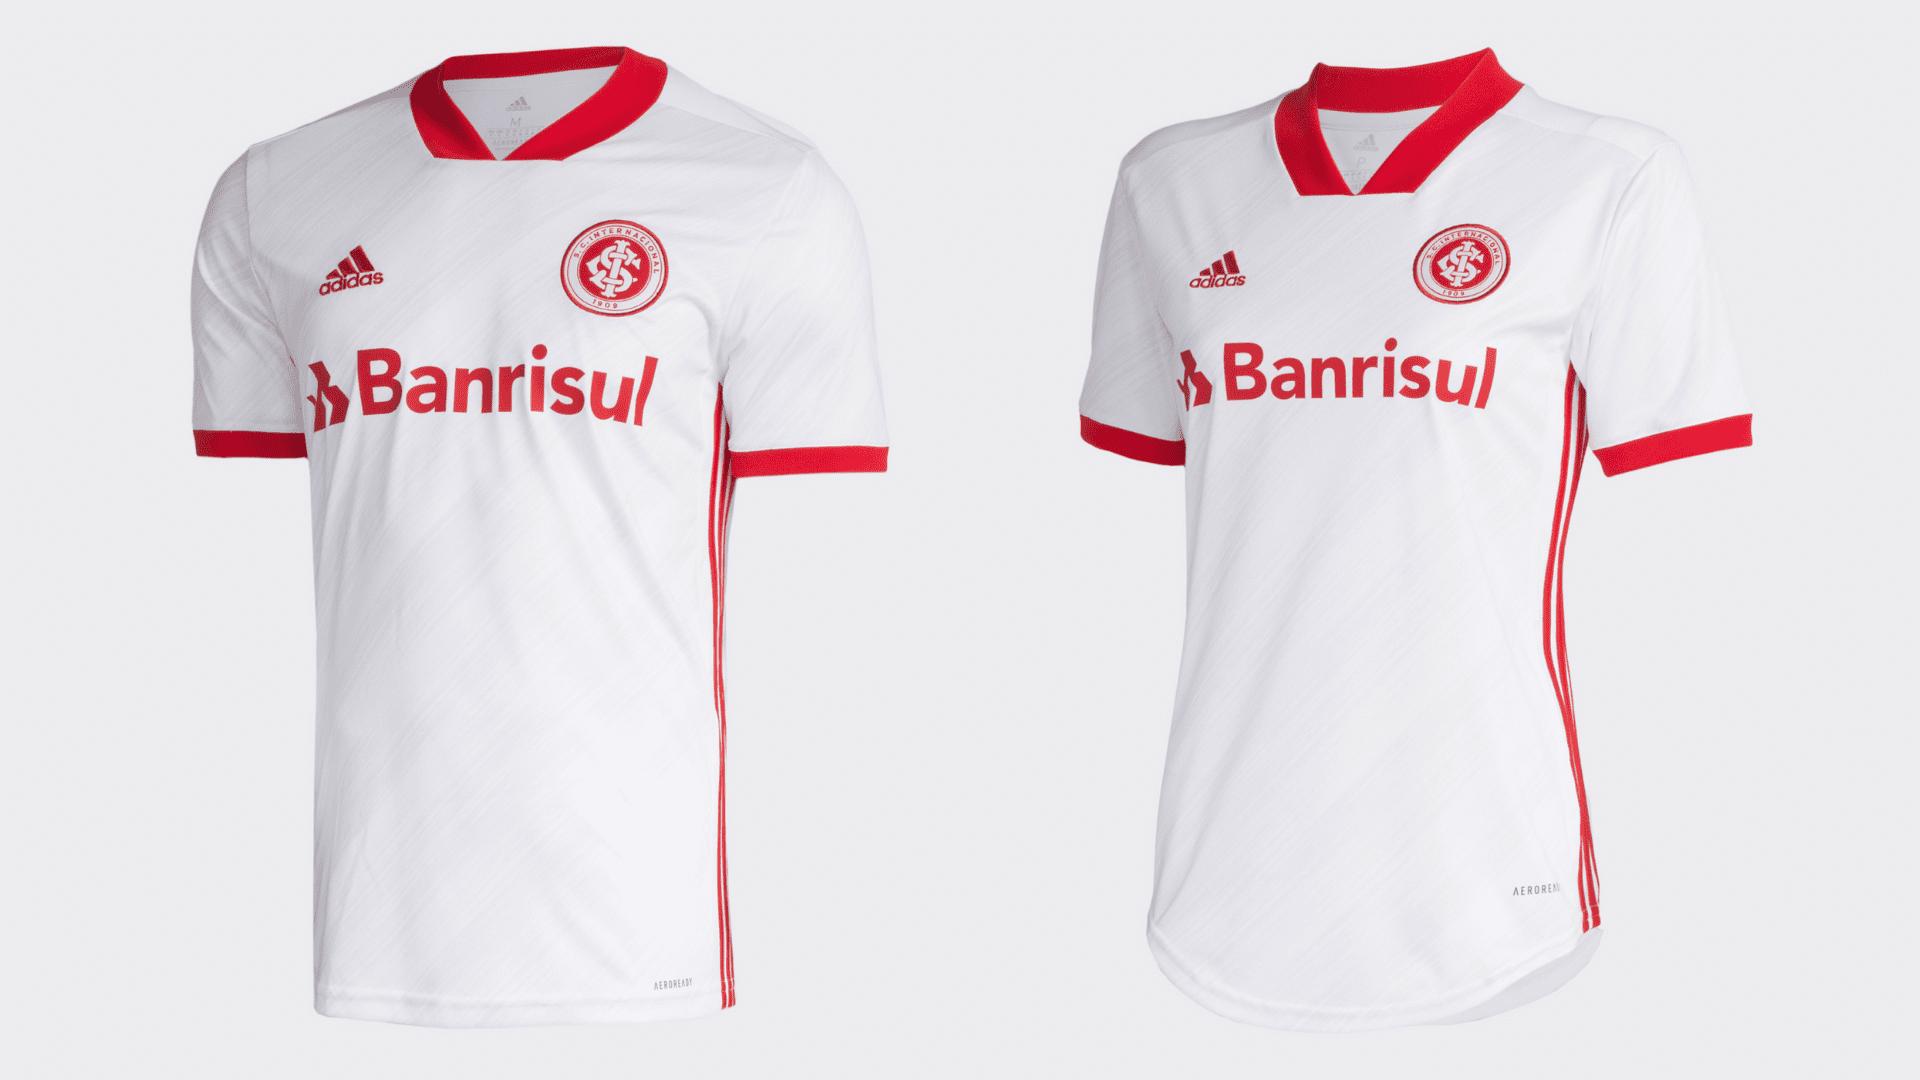 Camisa do Internacional 2020 Adidas Jogo 2 (Imagem: Divulgação/Adidas)